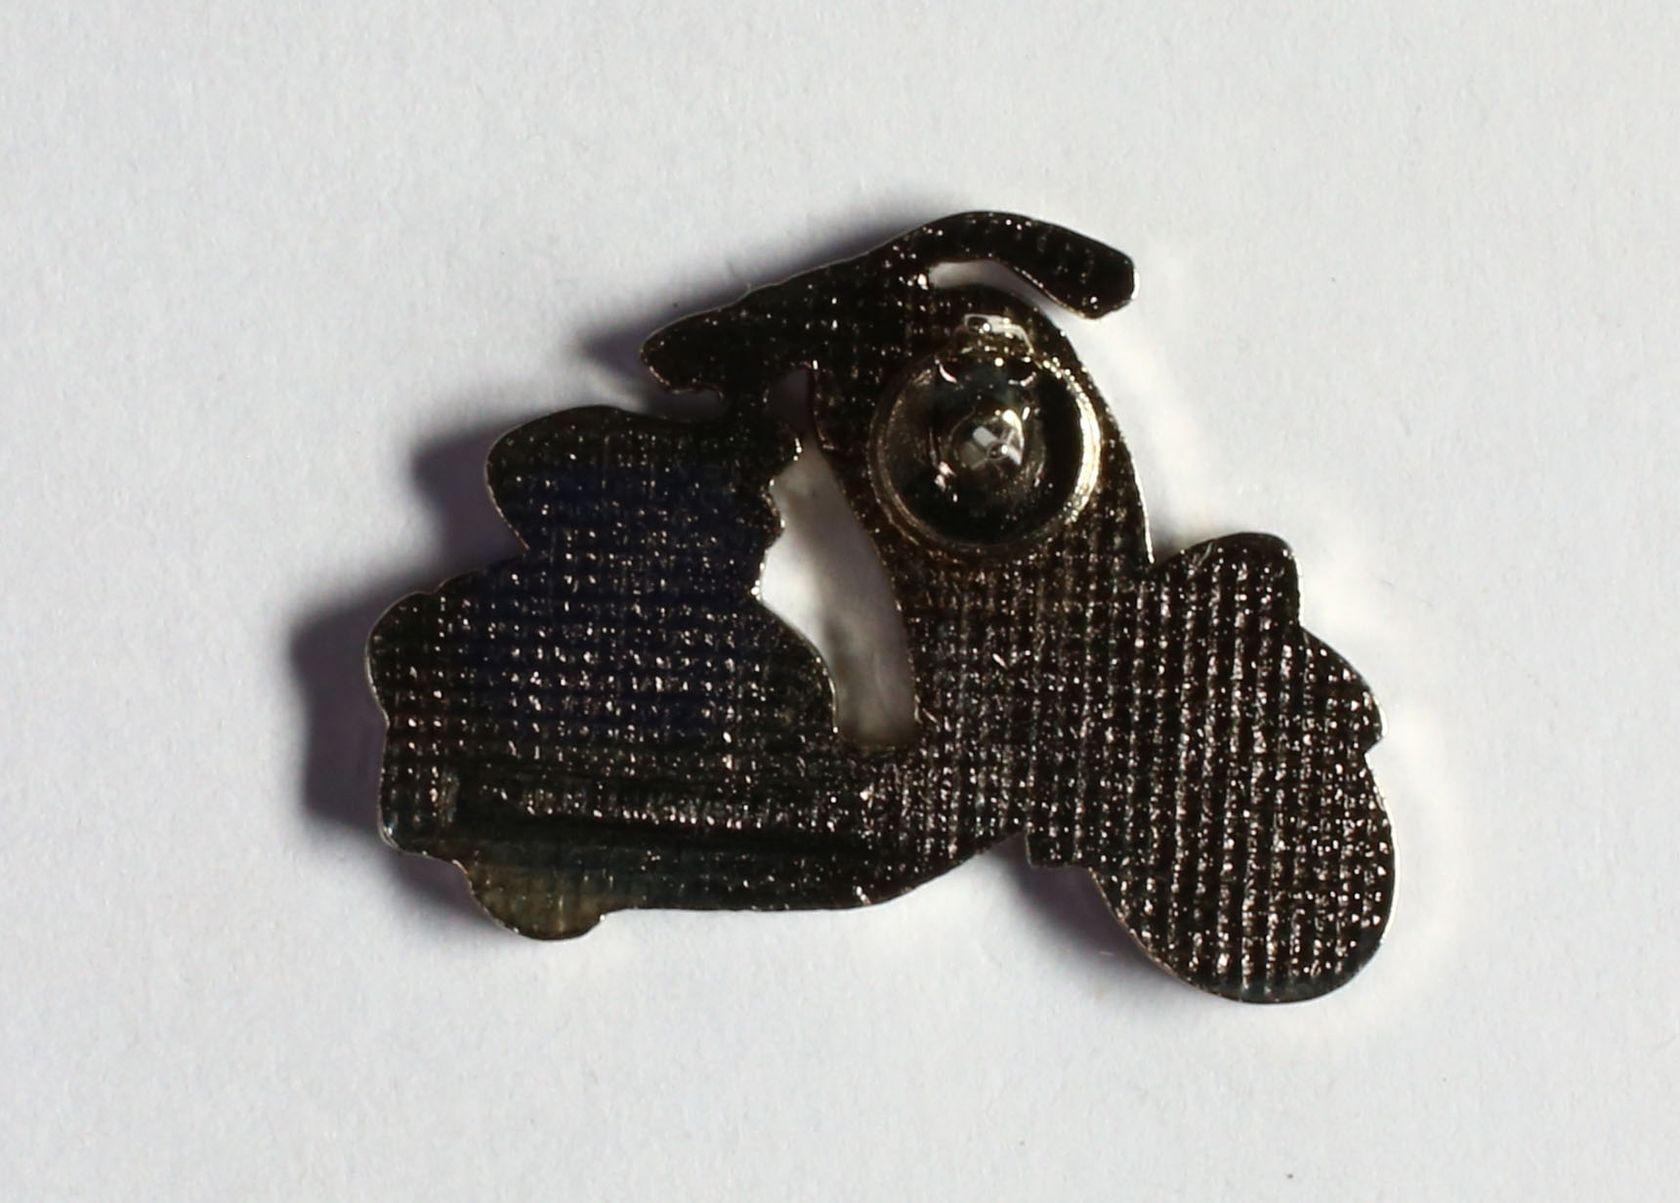 Vespa blanche selle noire (Petit modèle)